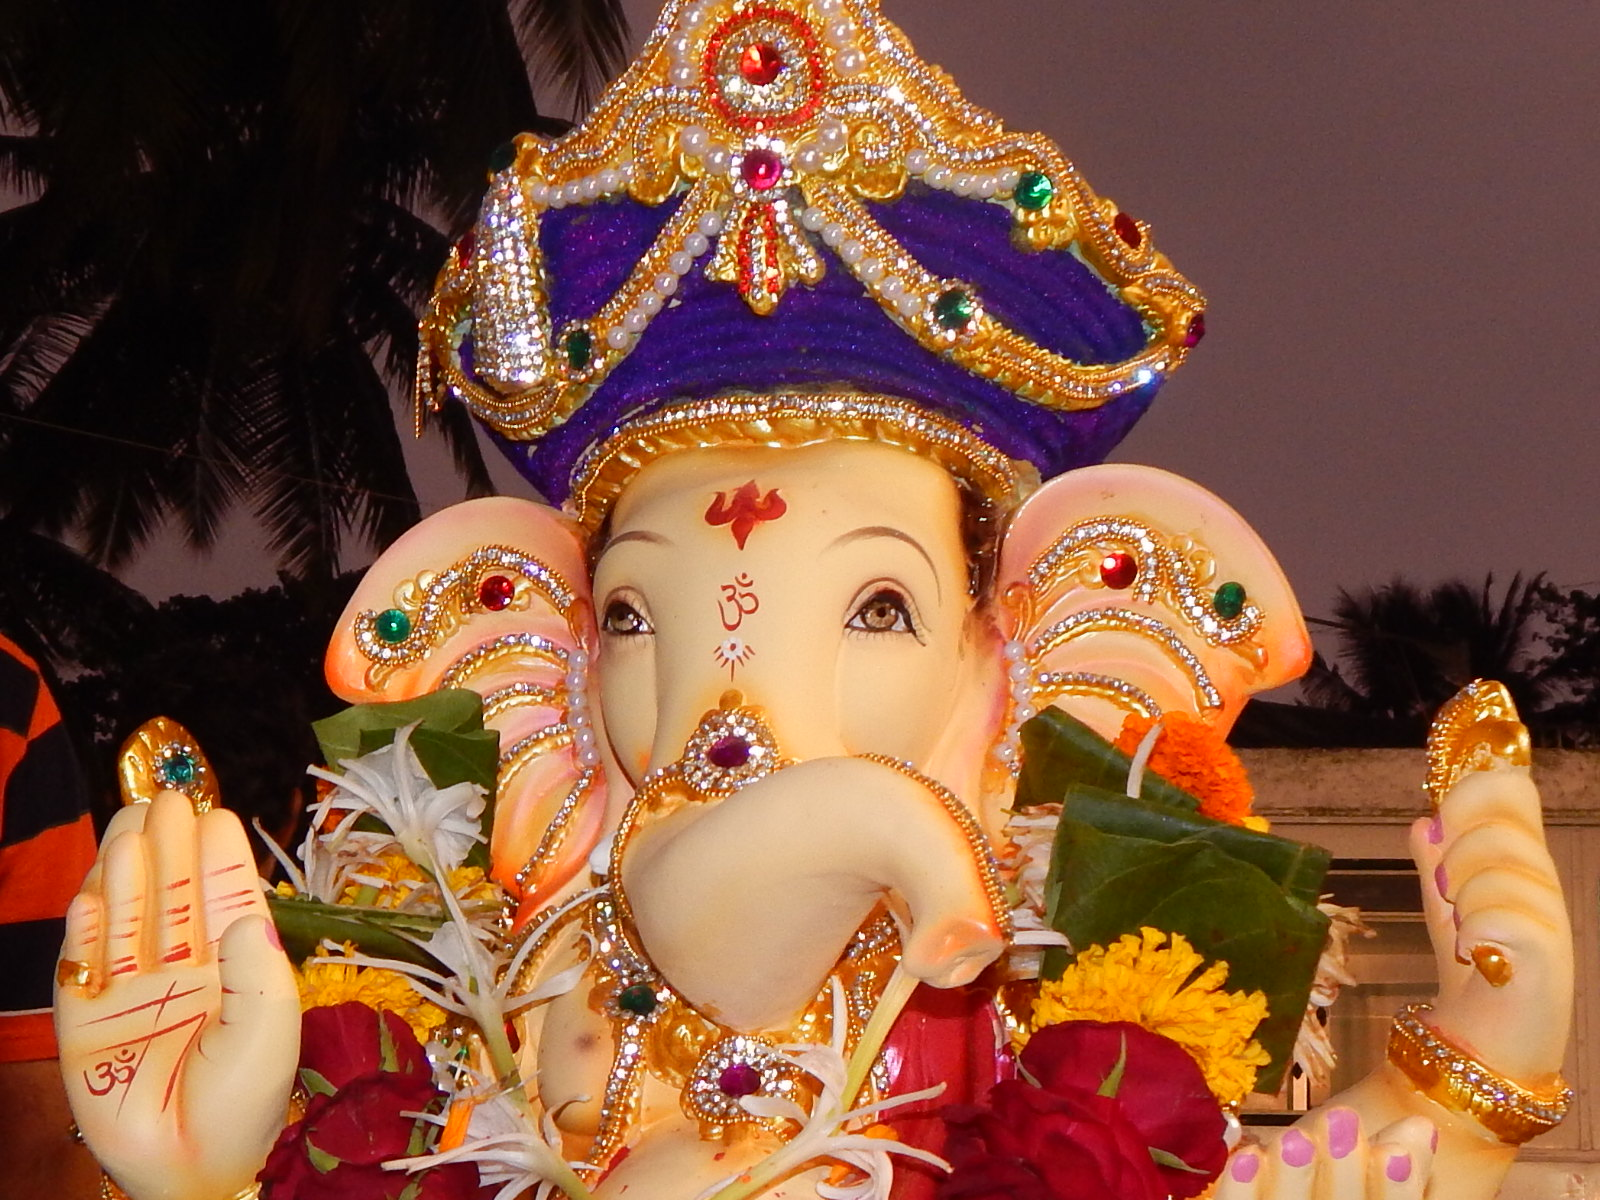 PunjabKesari, Ganesh Ji, Lord Ganesh, गणेश जी, श्री गणेश